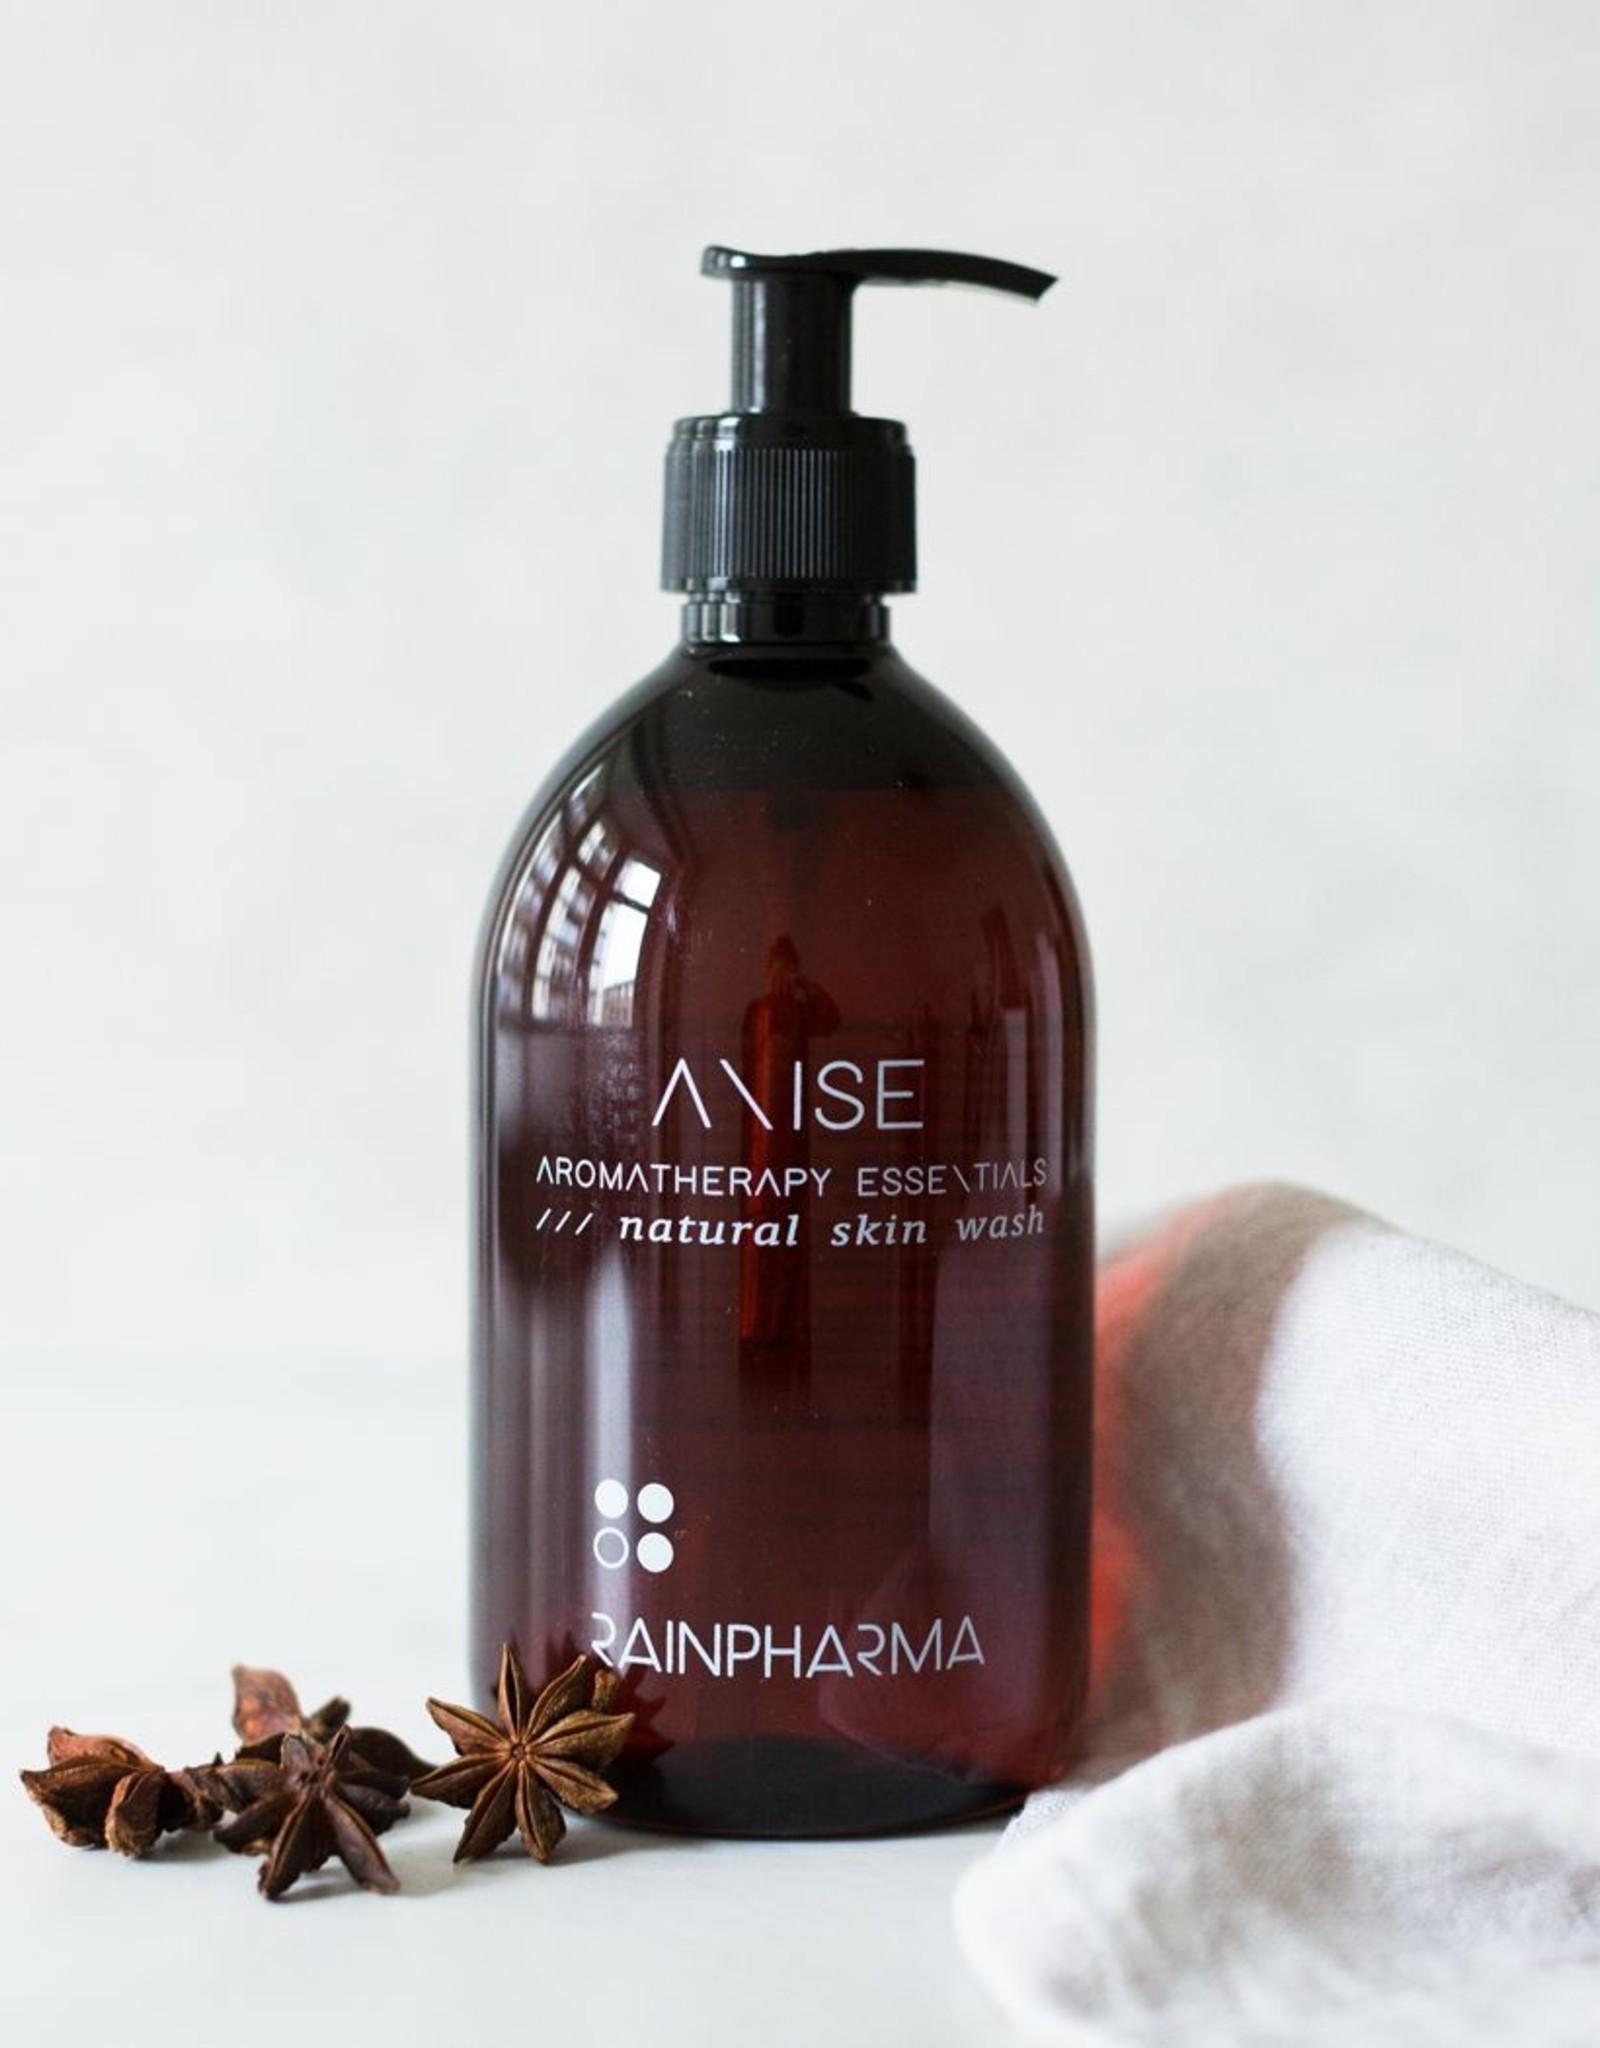 RainPharma Skin Wash Anise 500ml - Rainpharma